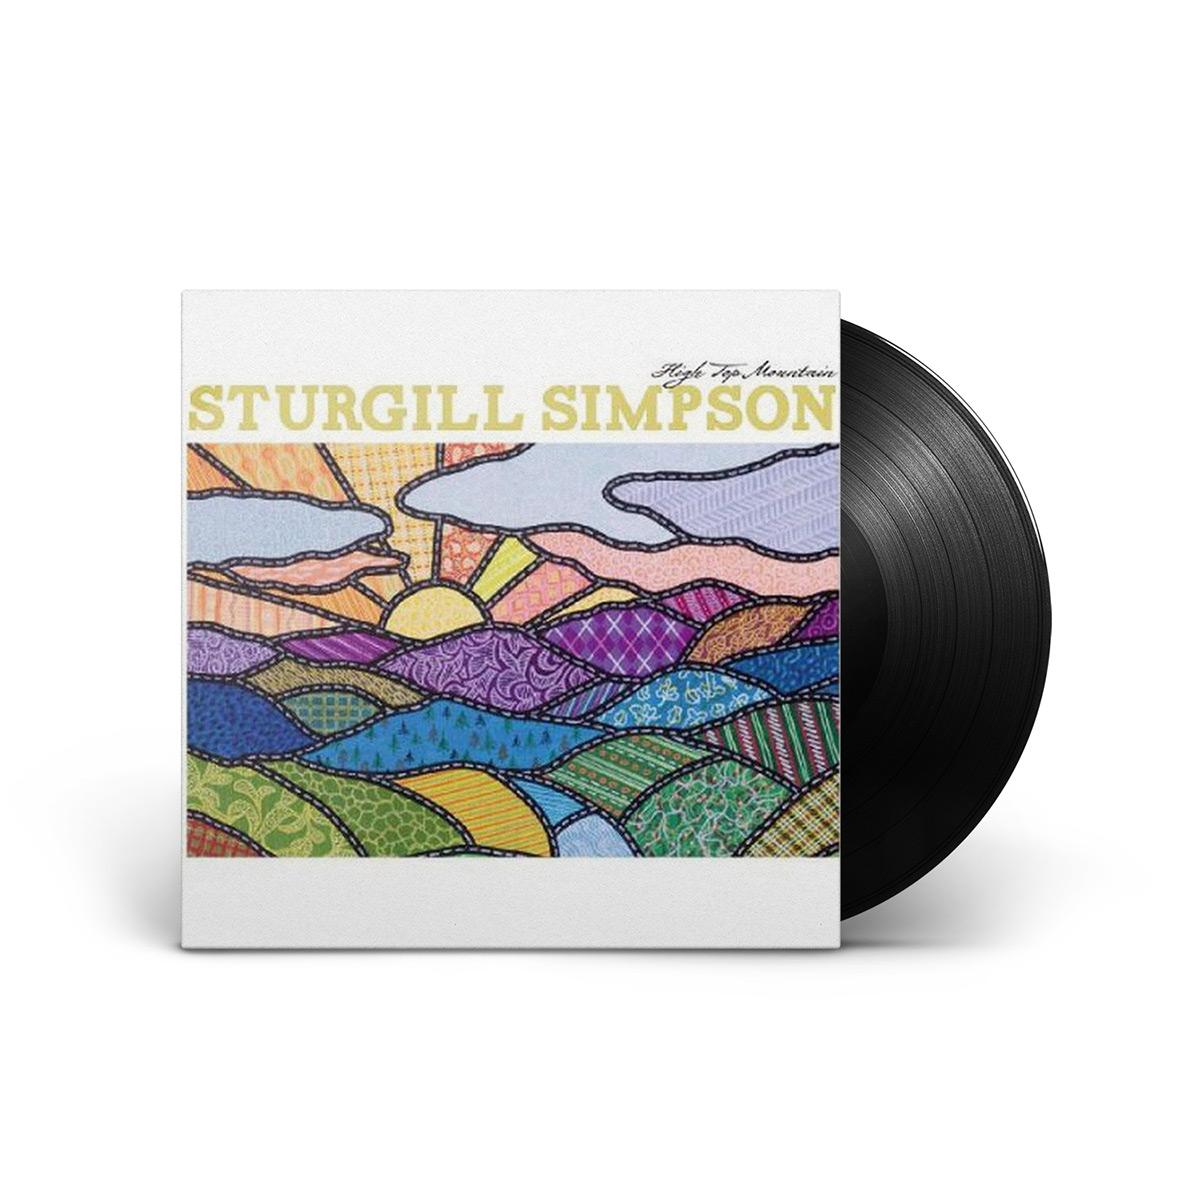 High Top Mountain Vinyl